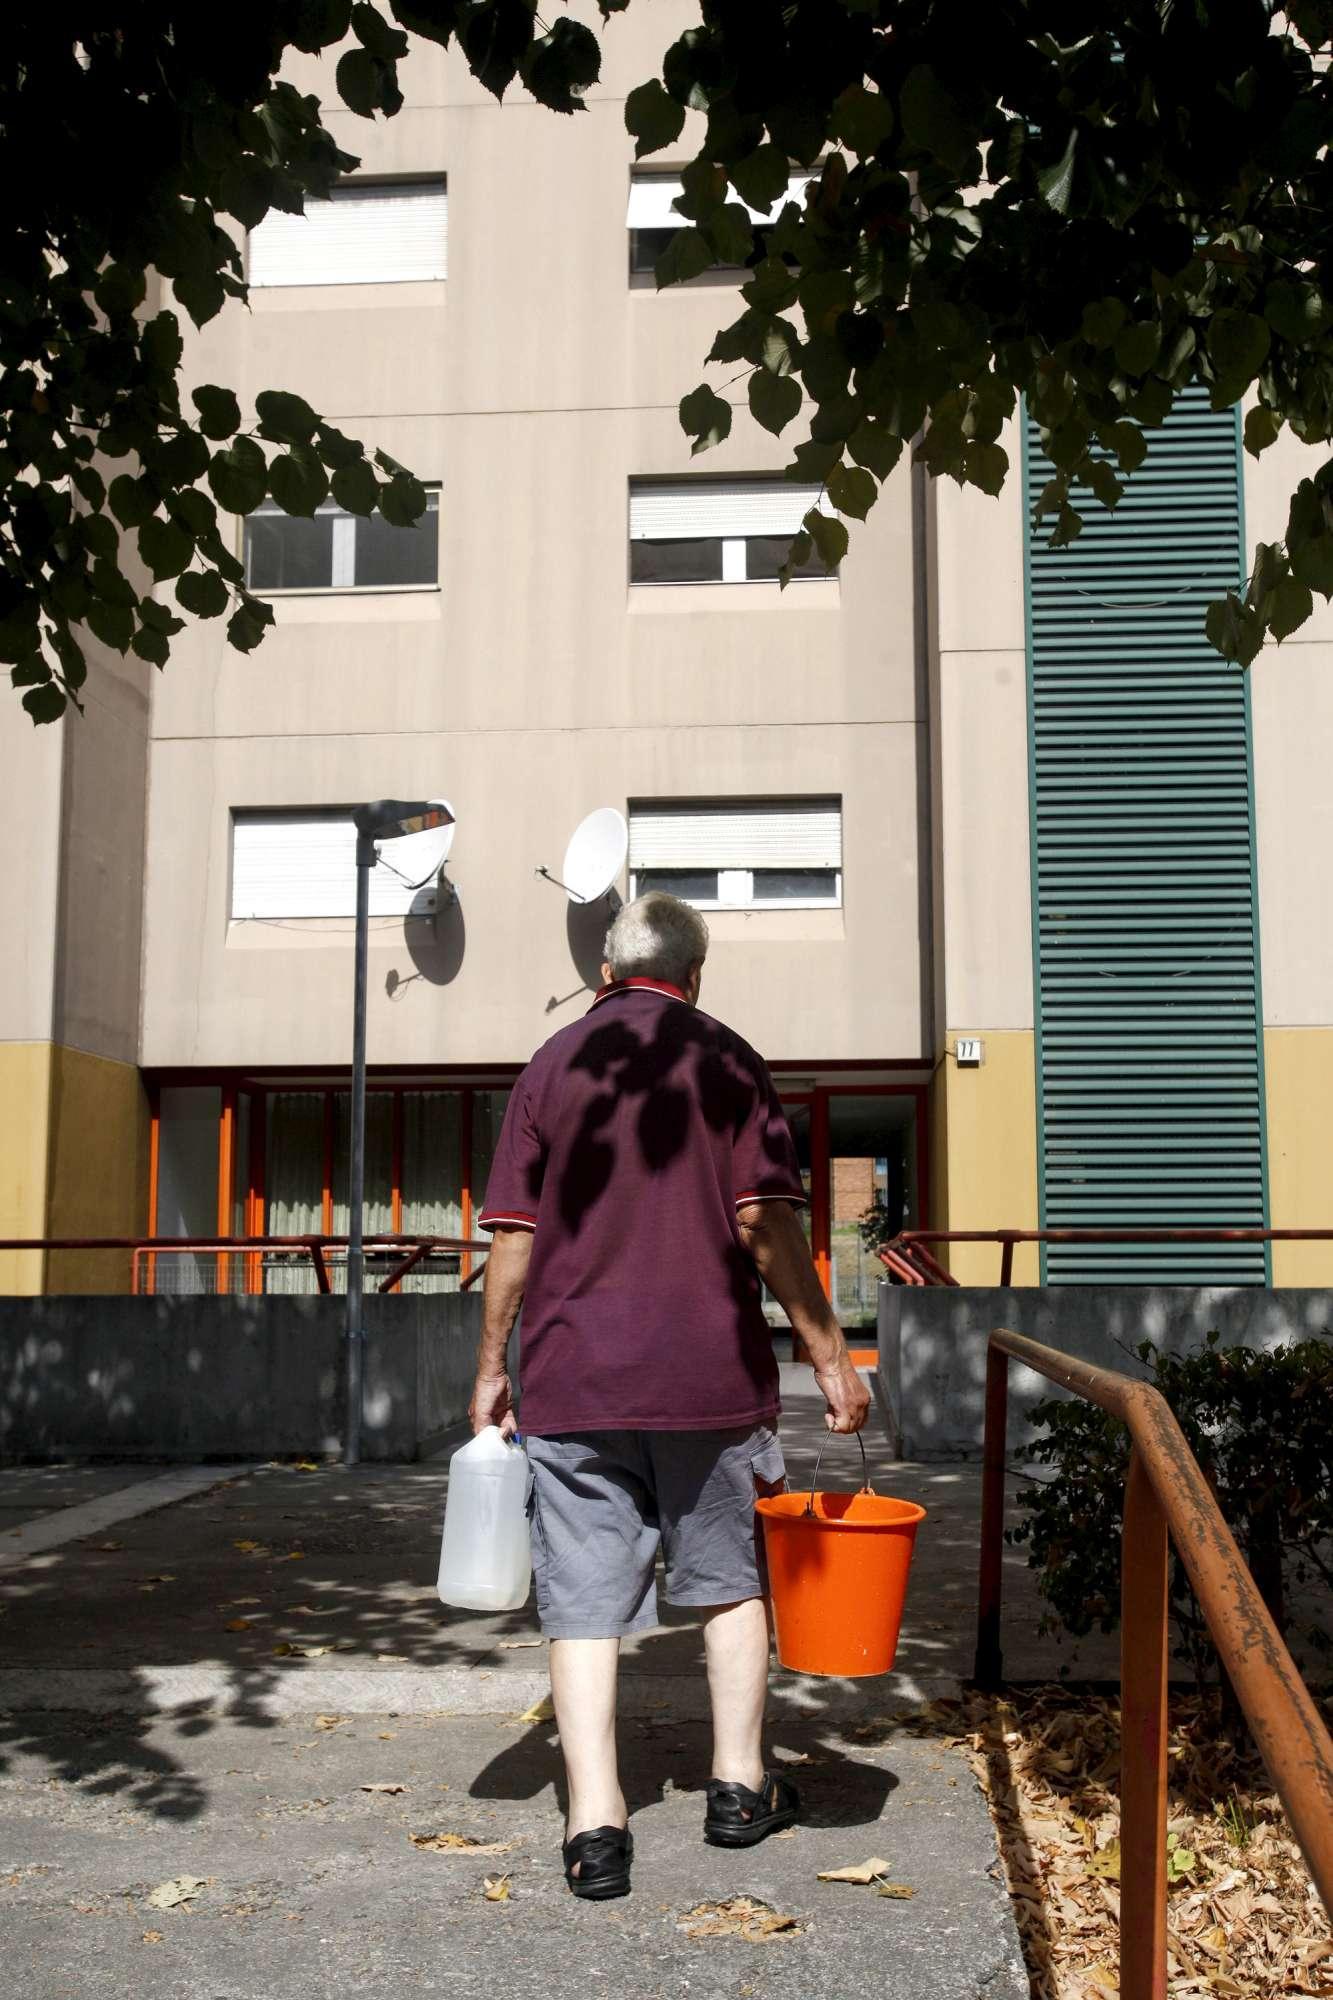 Tracce di legionella in case popolari a Milano, sospesa acqua